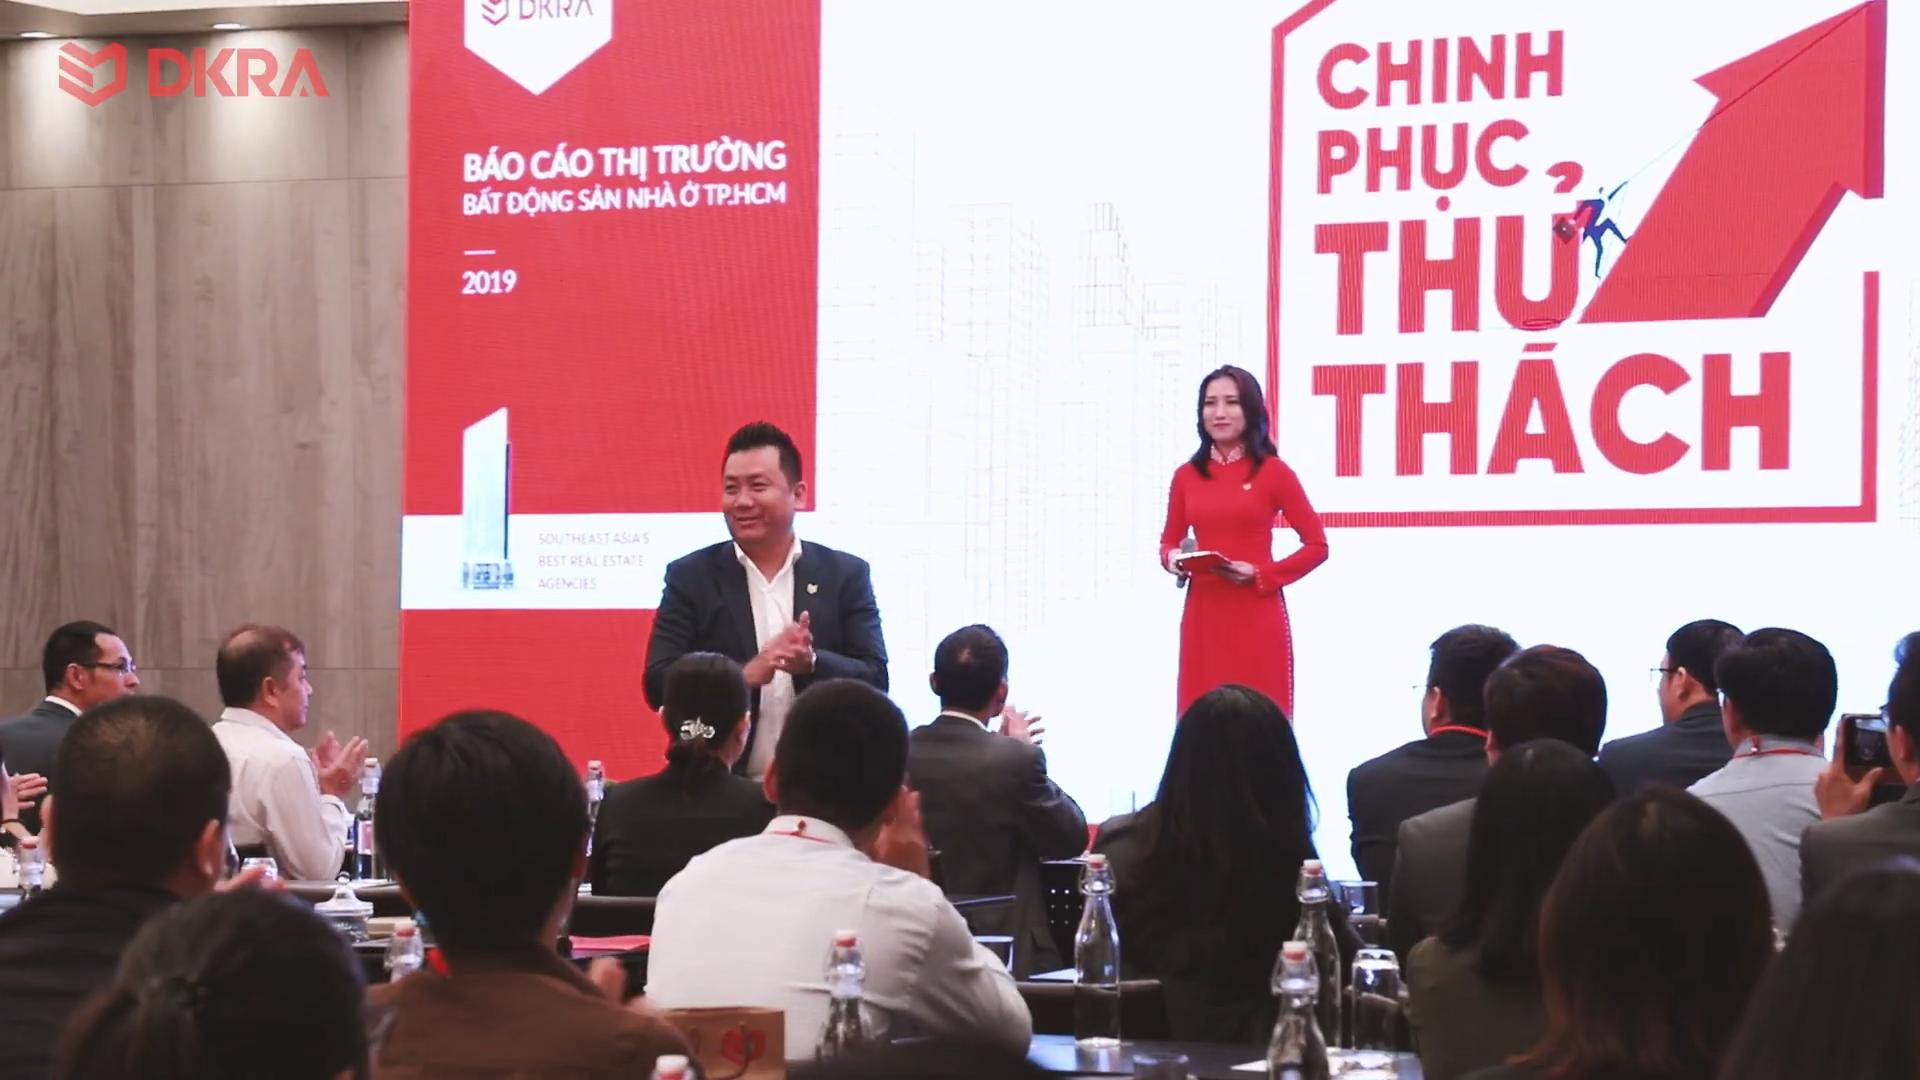 Báo cáo thị trường Bất động sản Nhà ở TP.HCM 2019: Chinh phục thử thách